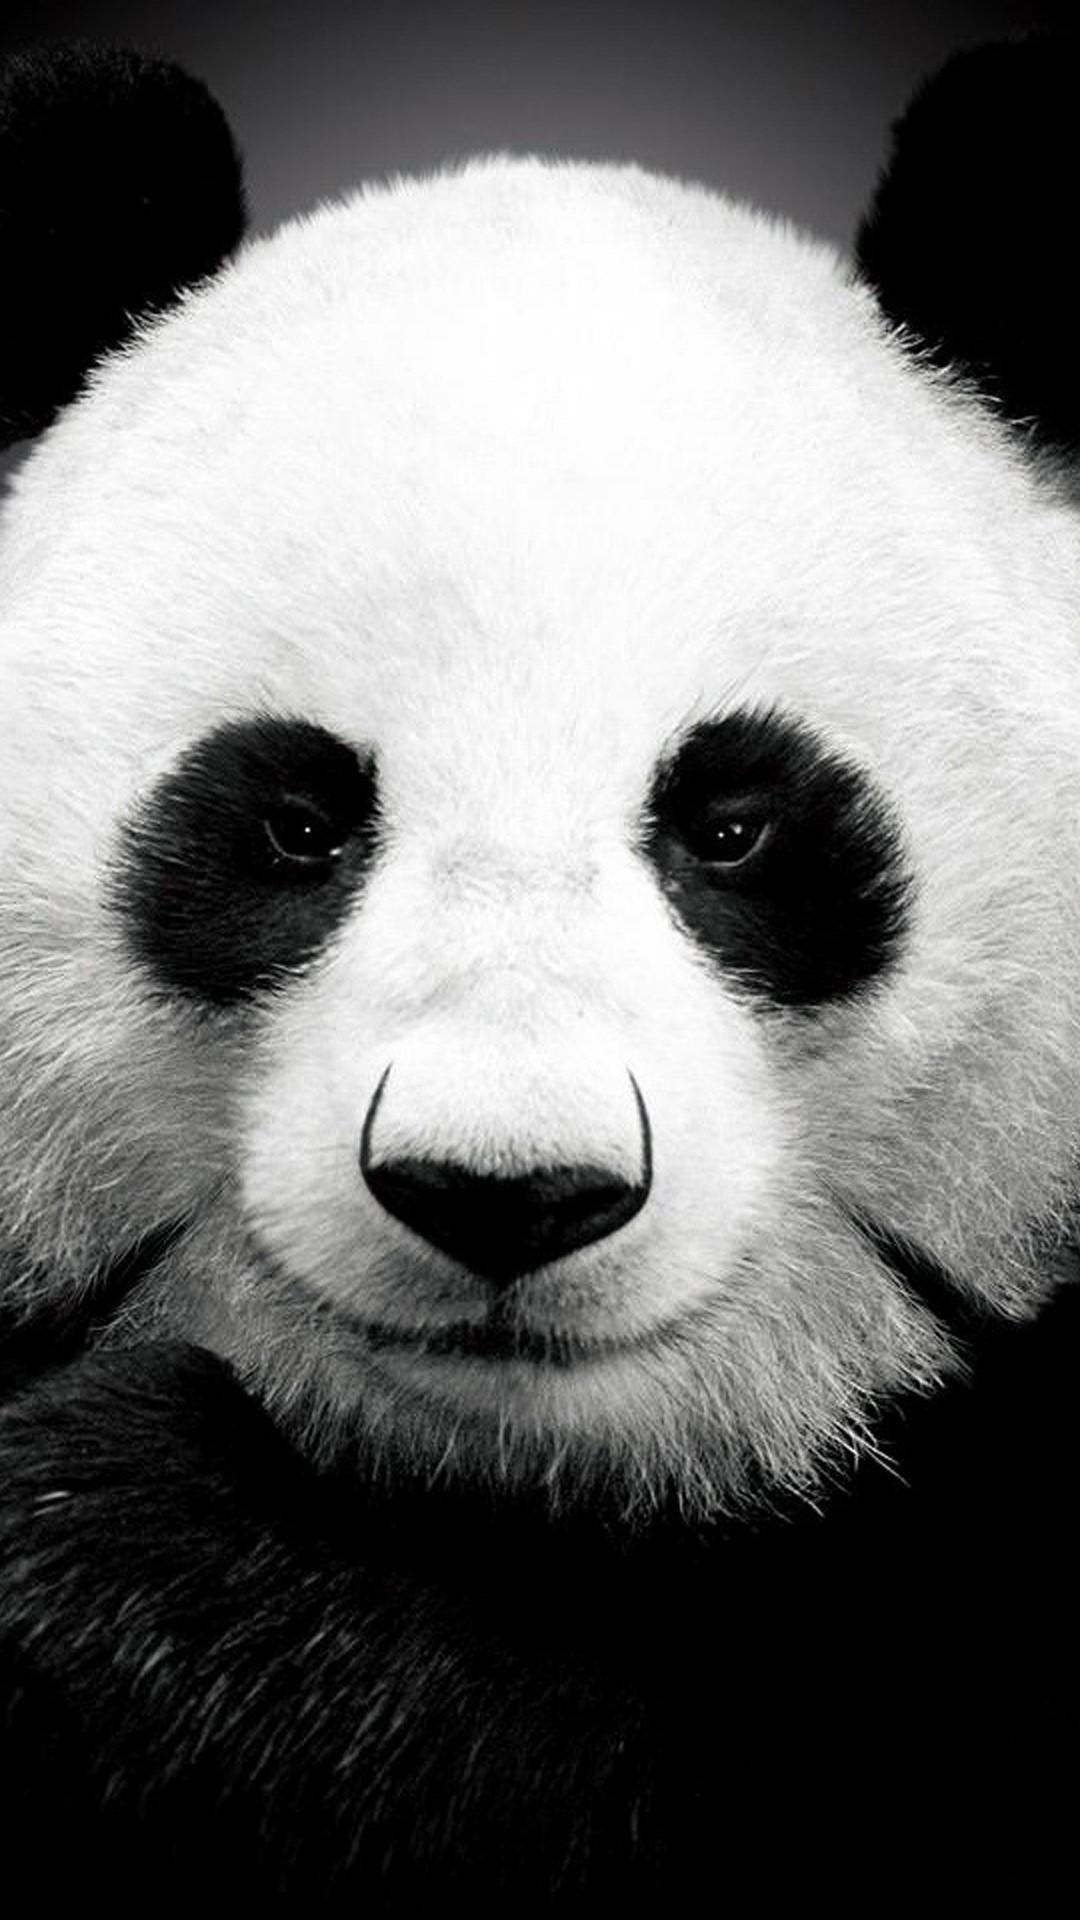 iPhone 6 plus Panda HD Wallpaper